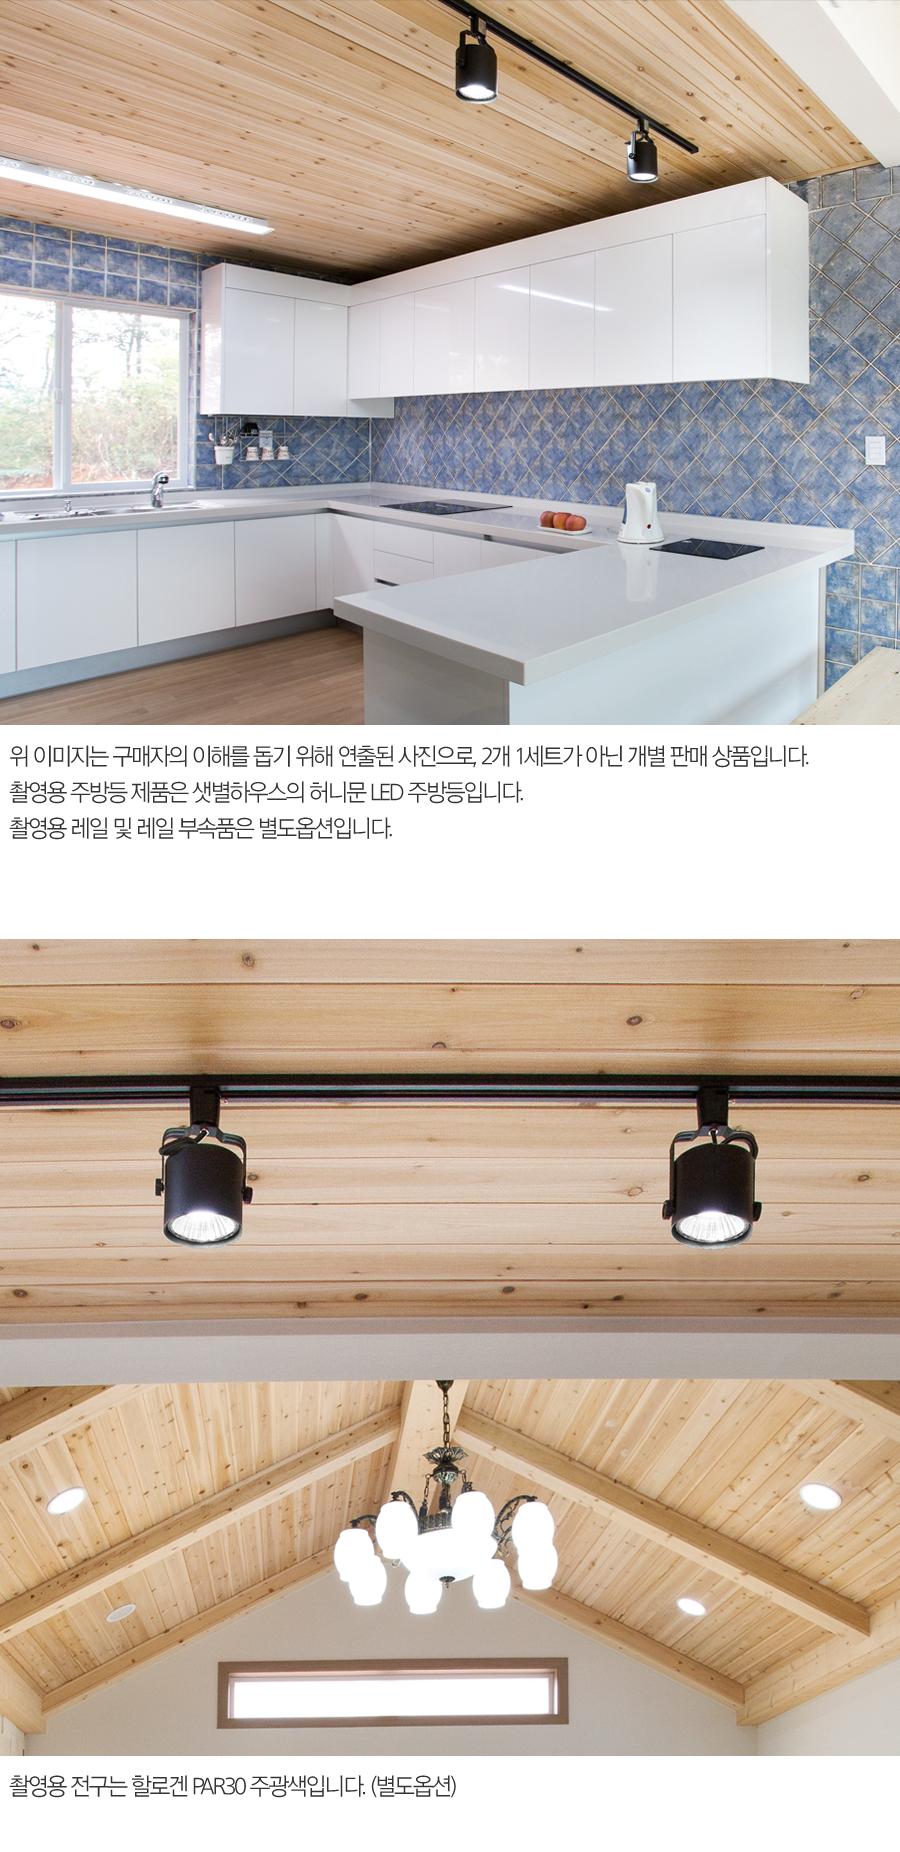 뉴 원통 스포트 1등 레일형 - 샛별조명, 12,800원, 리빙조명, 방등/천장등